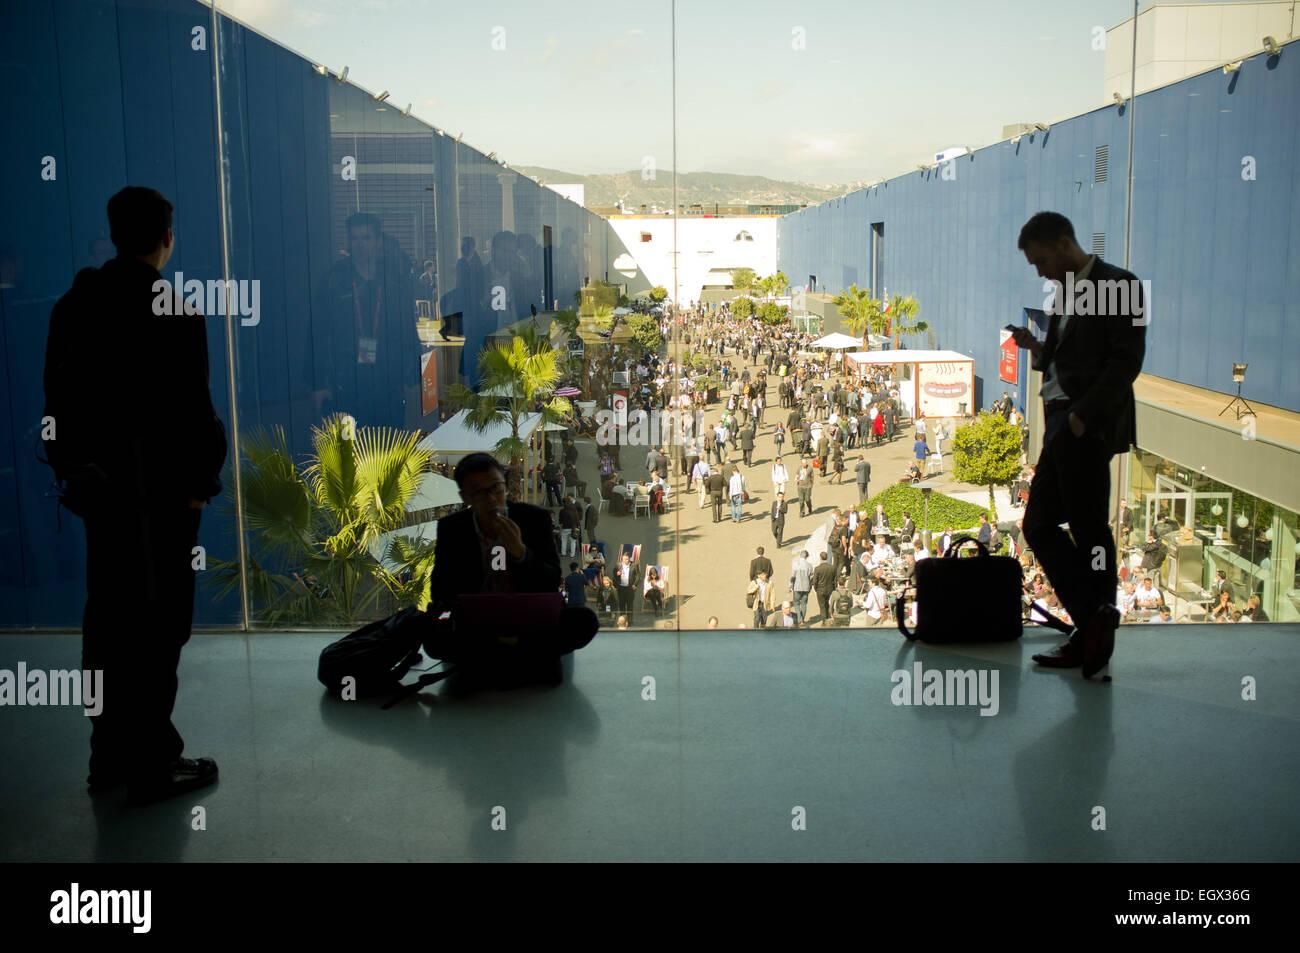 Mwc Stockfotos & Mwc Bilder - Alamy